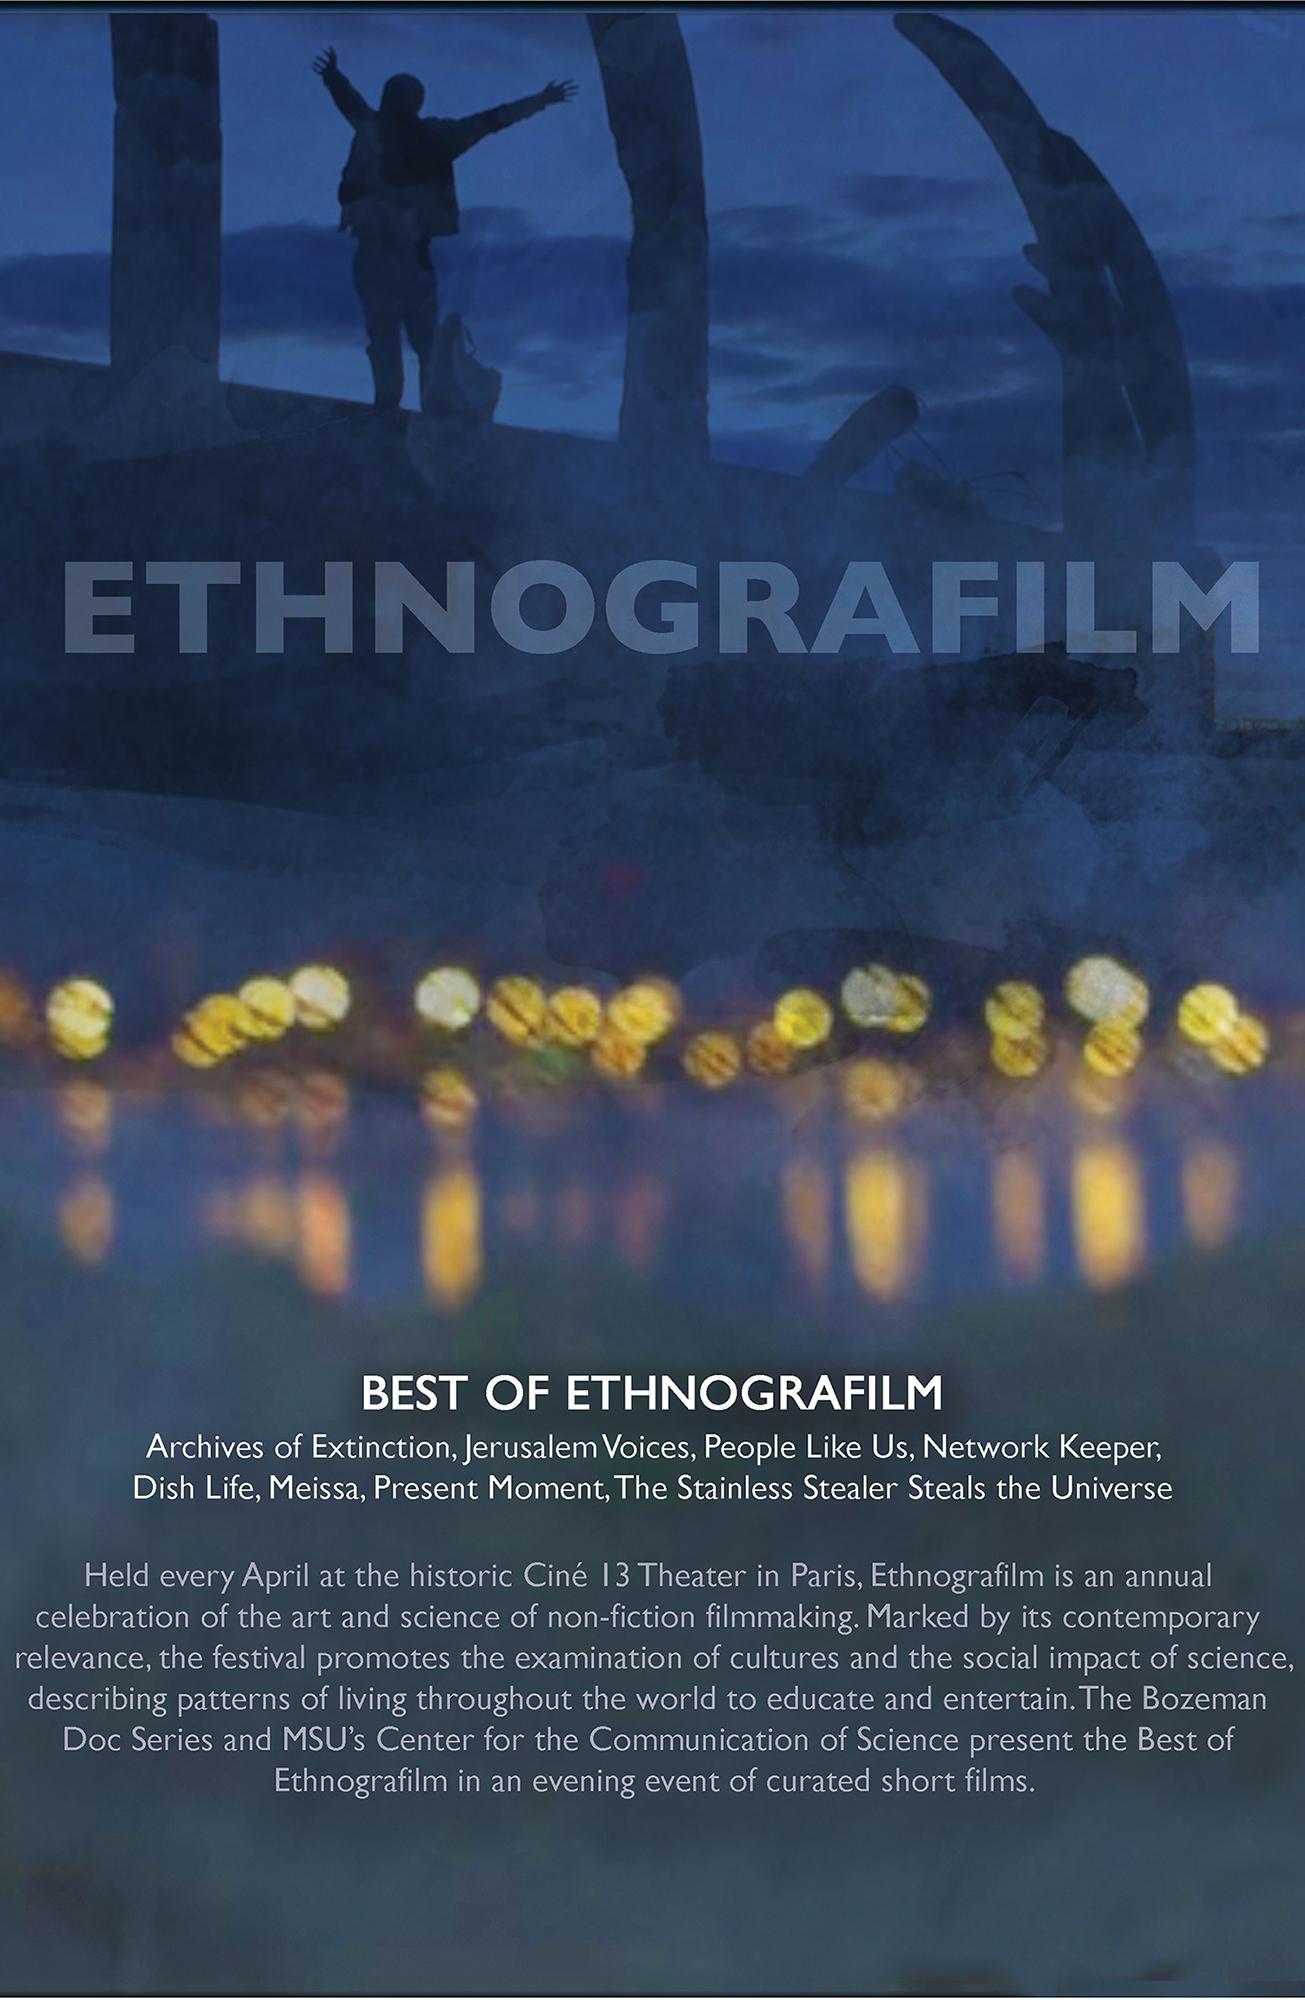 Best of Ethnografilm Paris – May 18th